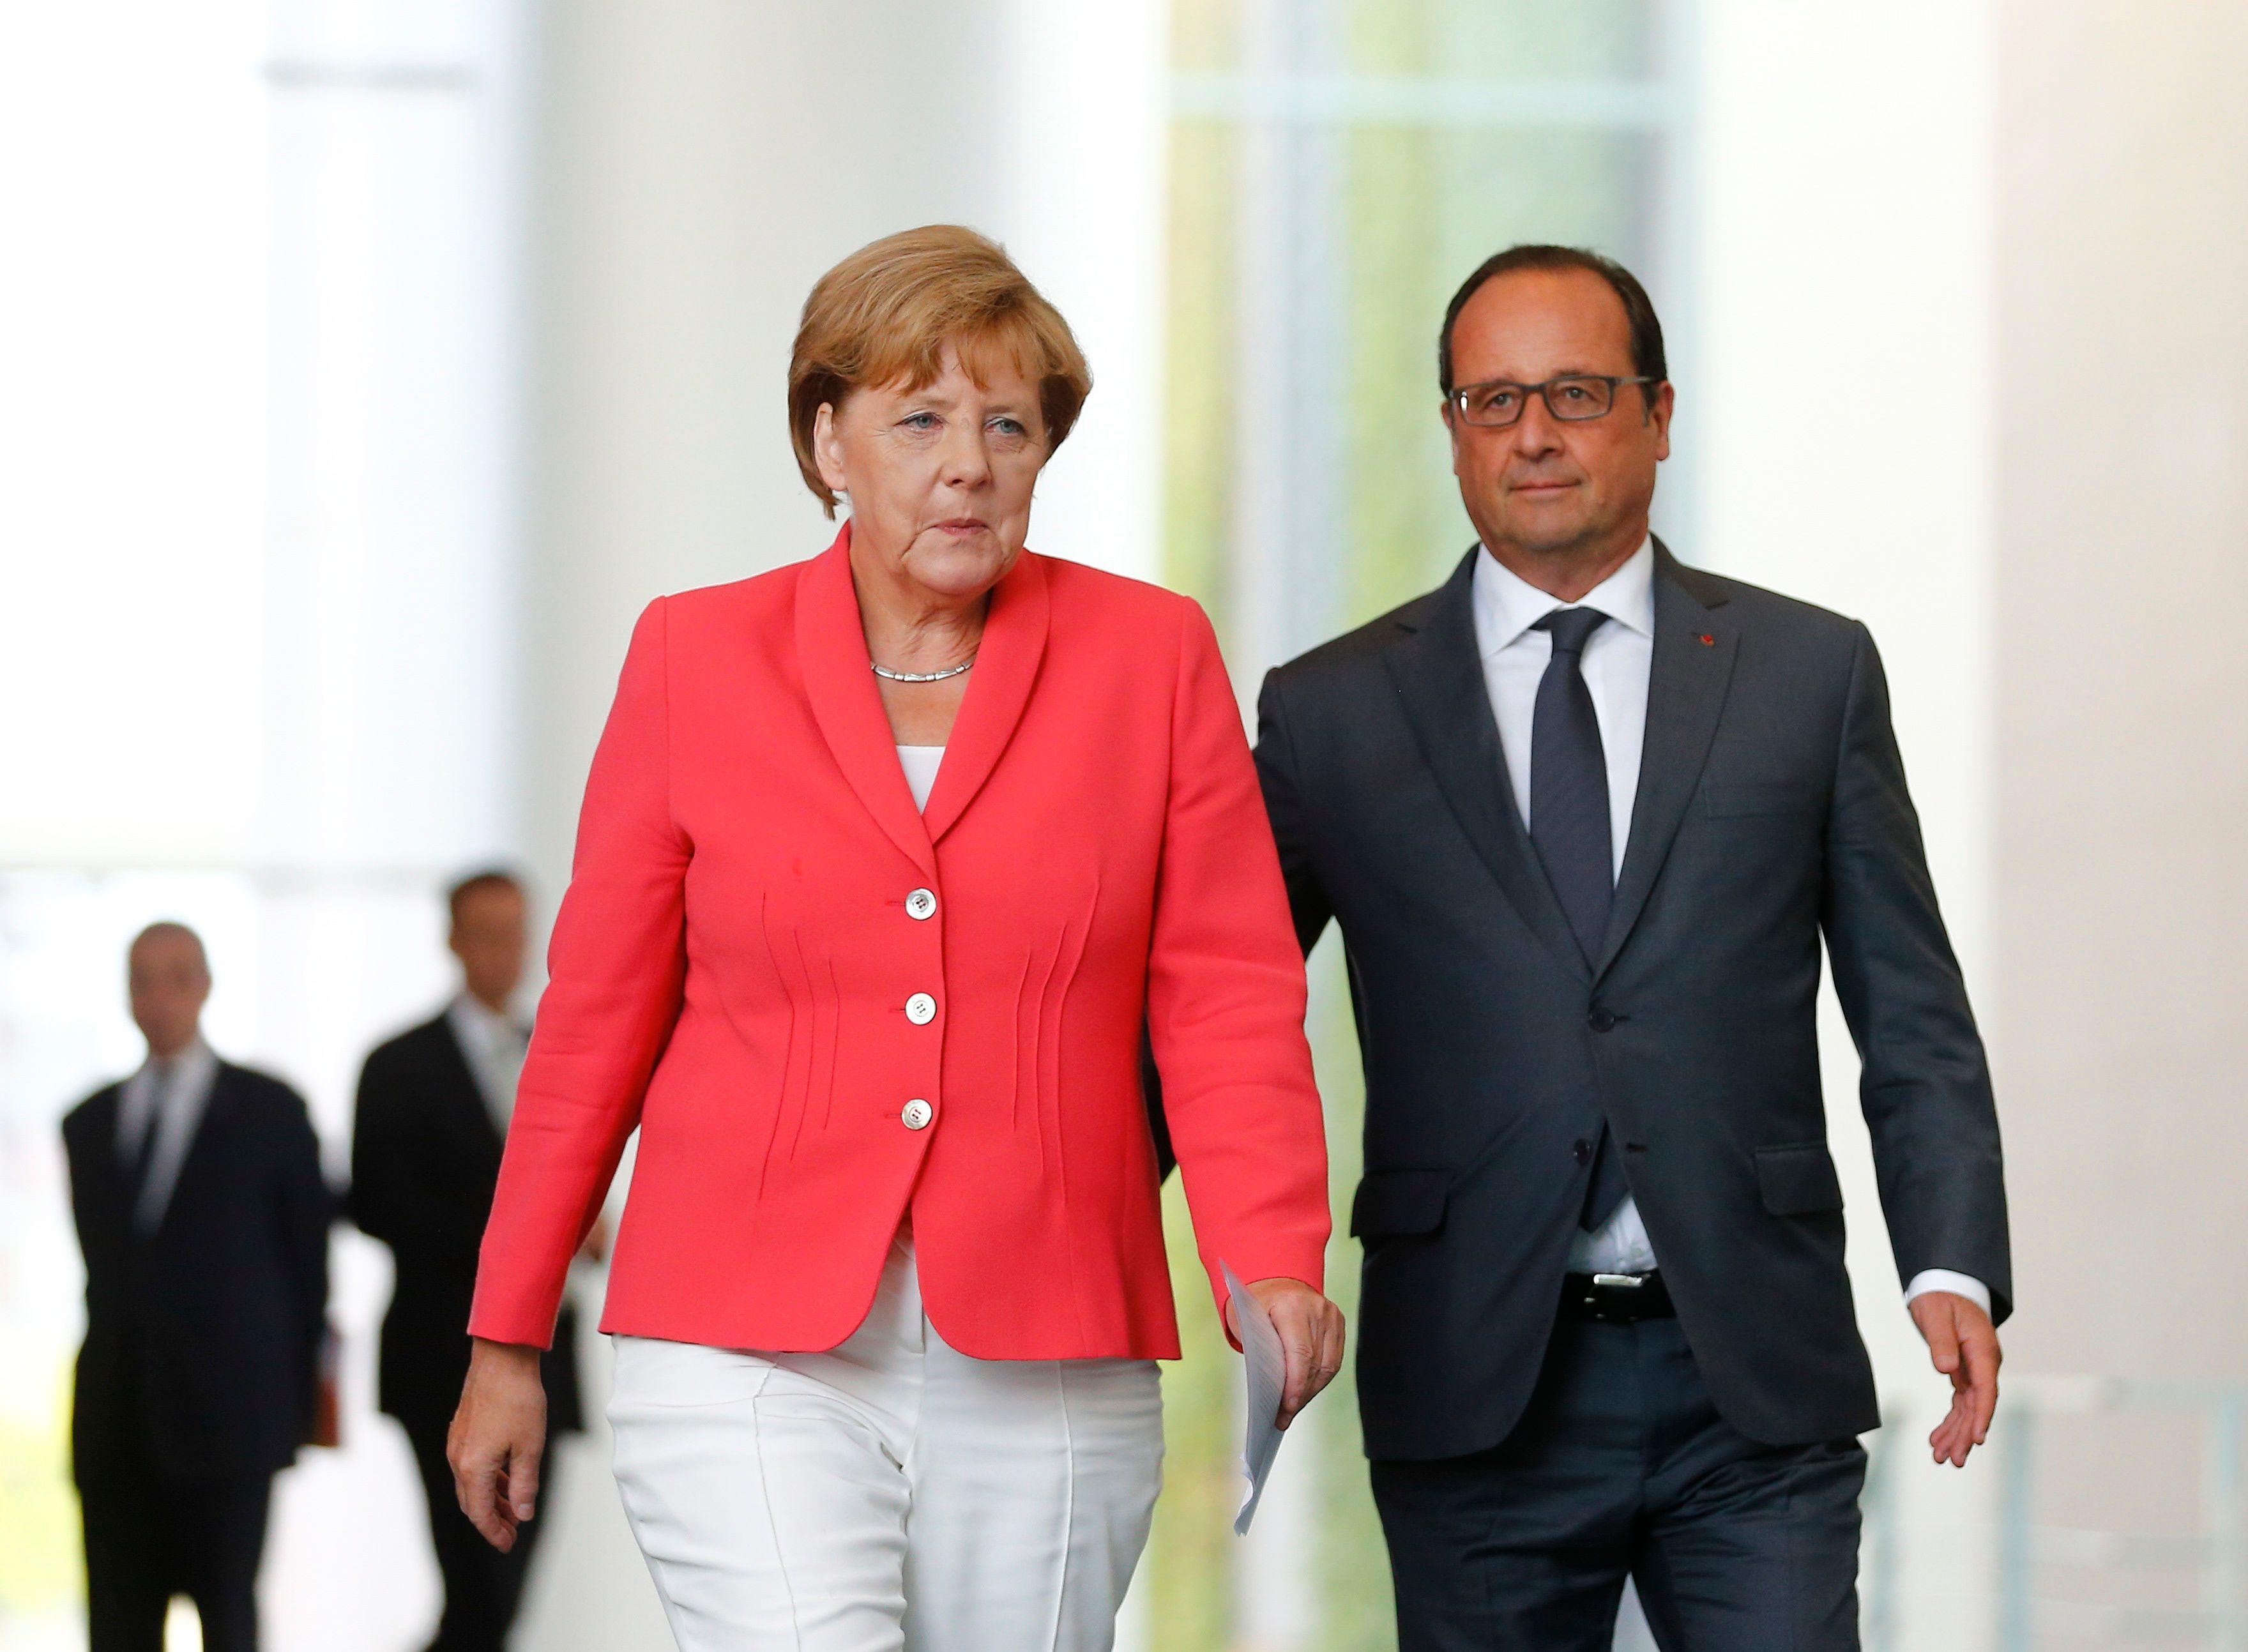 Depuis le début des années 2000, l'Union européenne a changé de mode de fonctionnement : on a assisté à un retour en force des Etats.